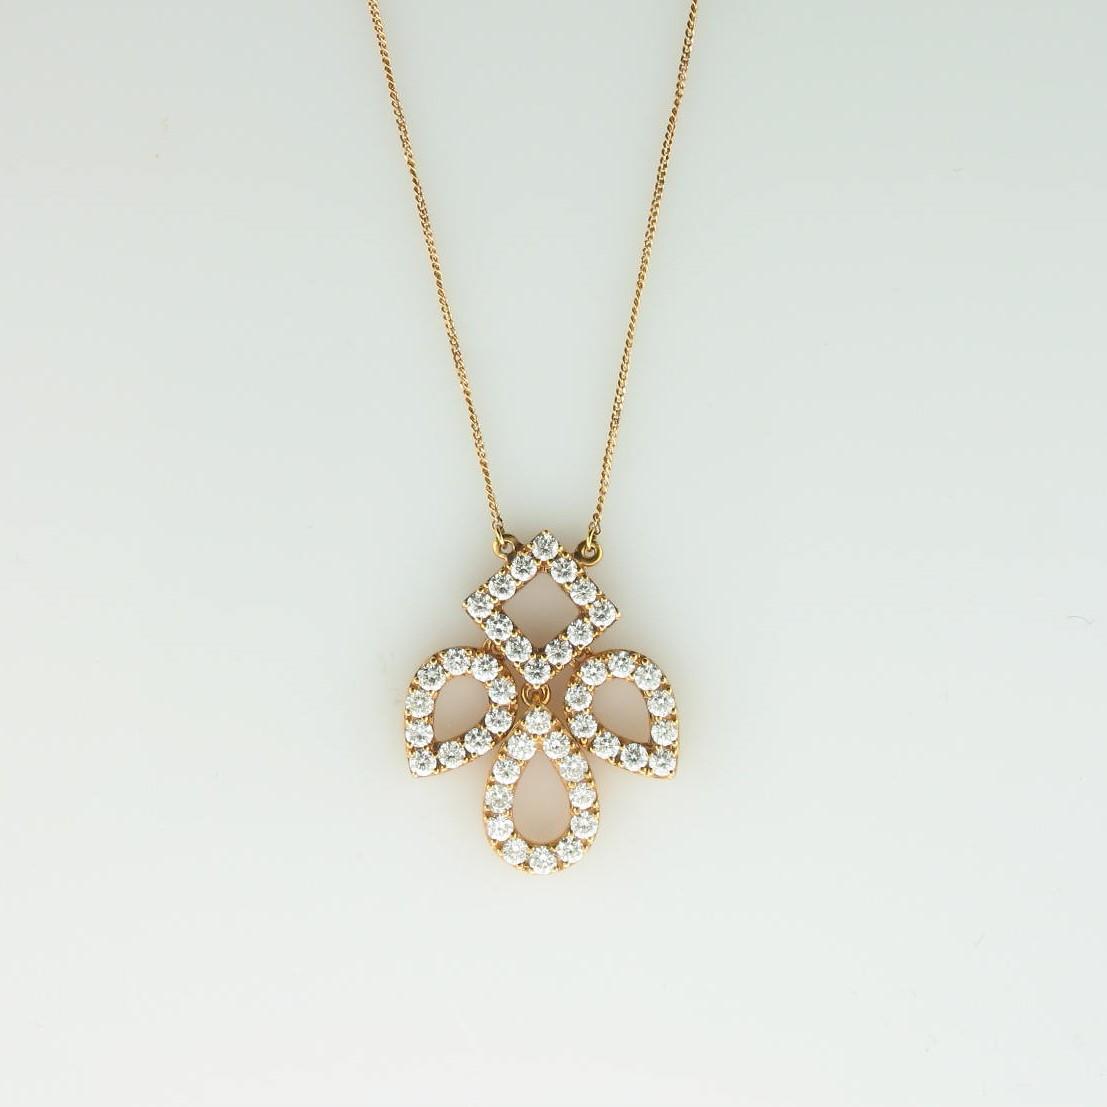 0.86tcw Diamond Necklace Set in 18 Karat Rose Gold